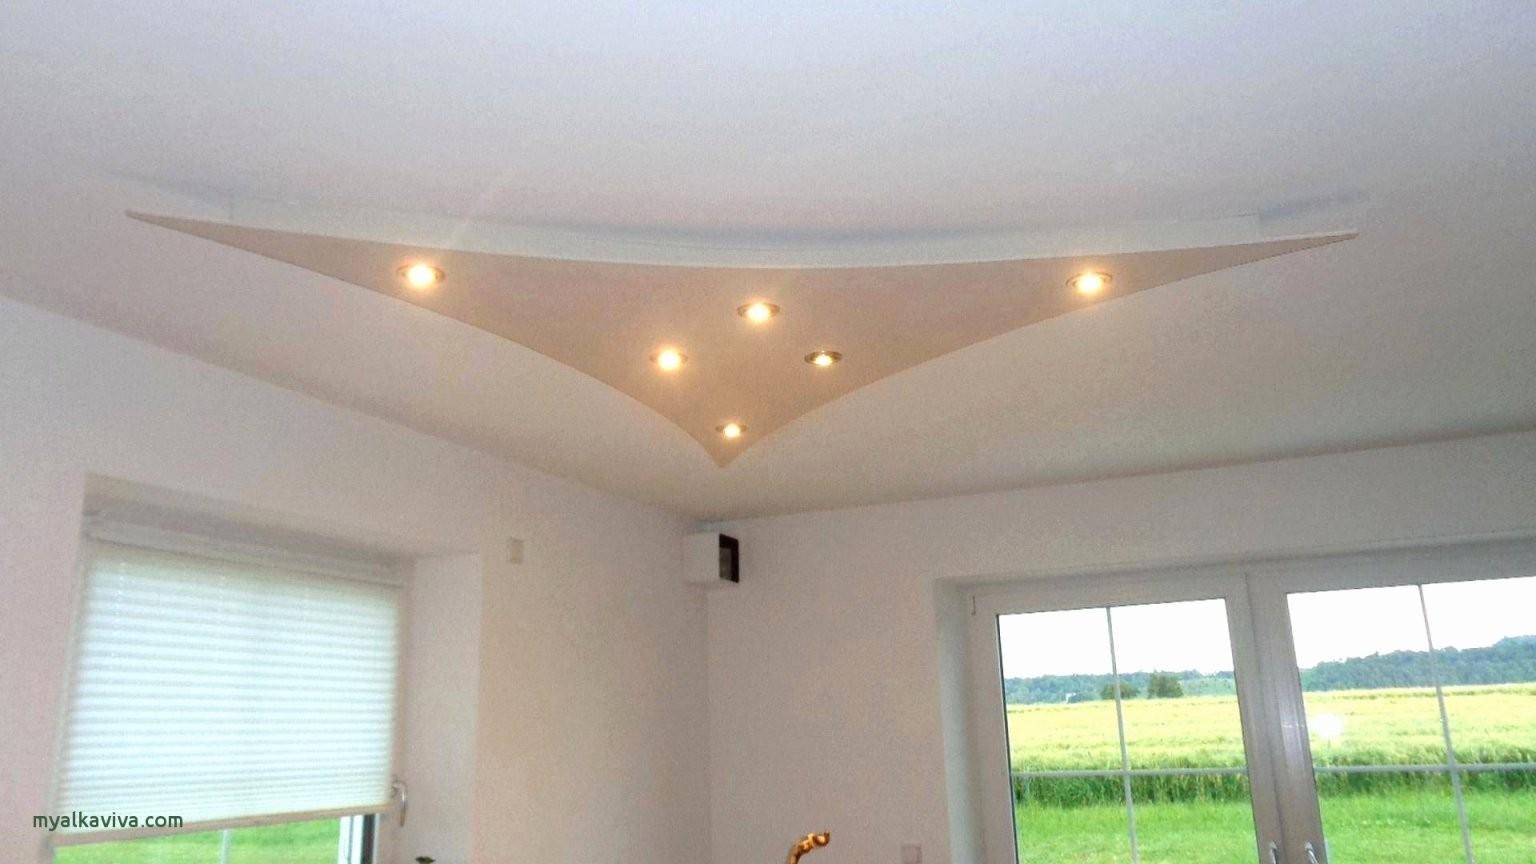 Indirekte Beleuchtung Selber Bauen Rigips Elegant Indirekte von Indirekte Wandbeleuchtung Selber Bauen Photo